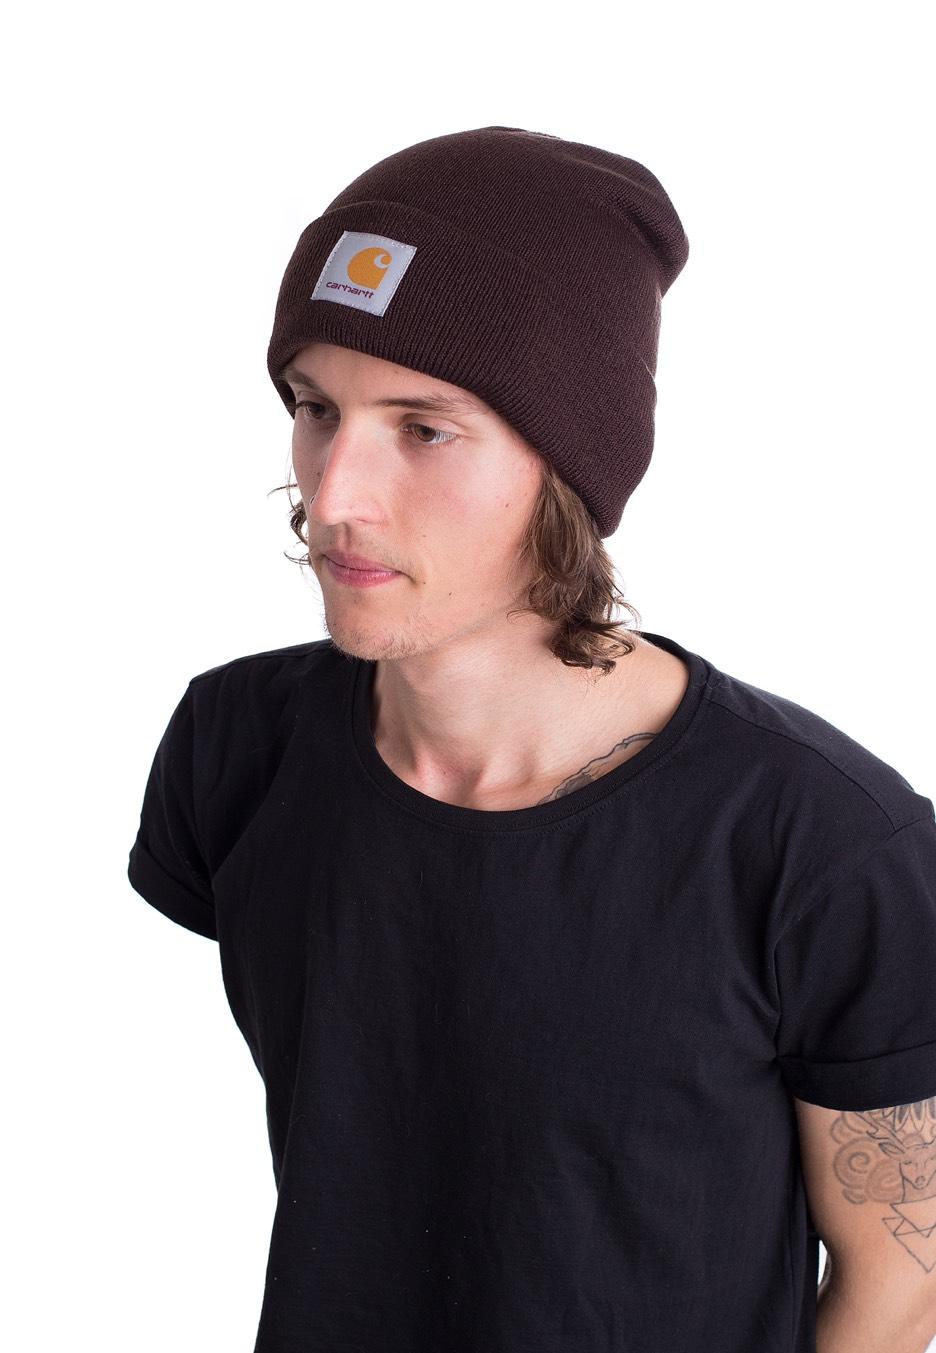 Carhartt WIP - Short Watch Tabacco - Beanie - Streetwear Shop ... d621c243ee5